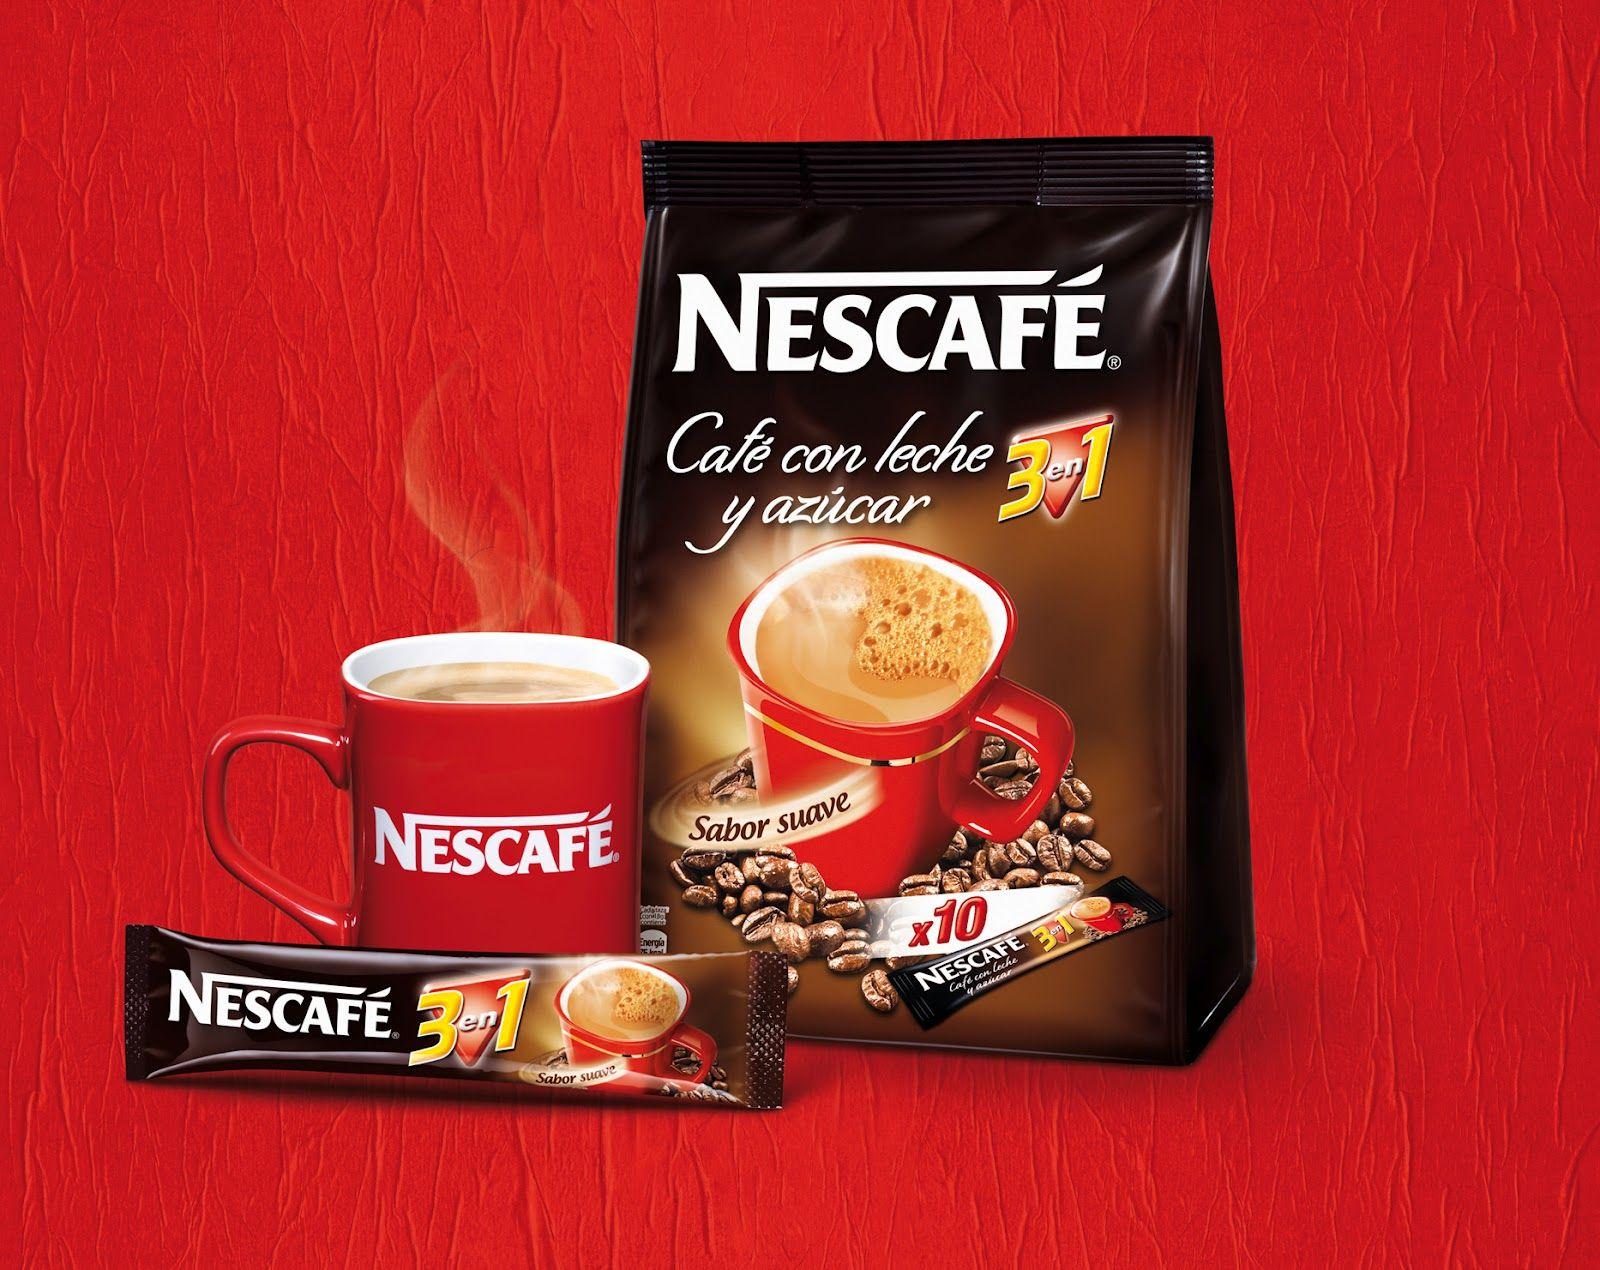 www asda com win to enter nescafe